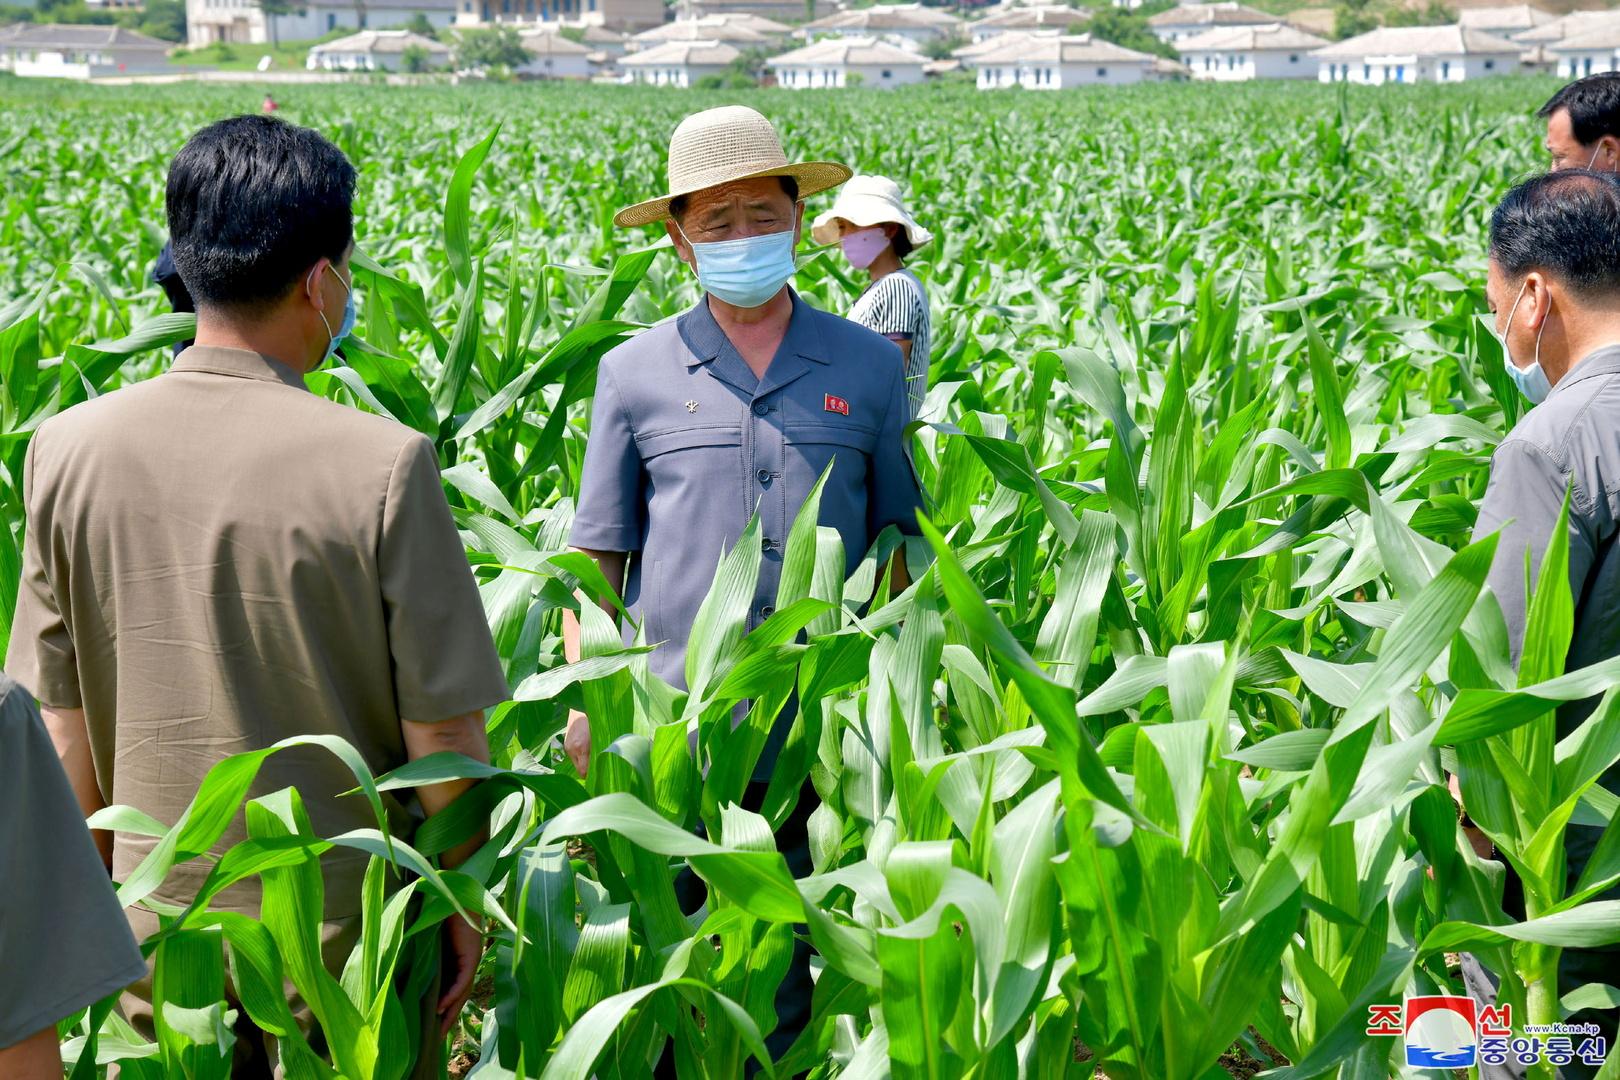 صحيفة كورية شمالية تدعو لاستمرار جهود الاعتماد على الذات حتى في حالة تحسن الأوضاع الاقتصادية